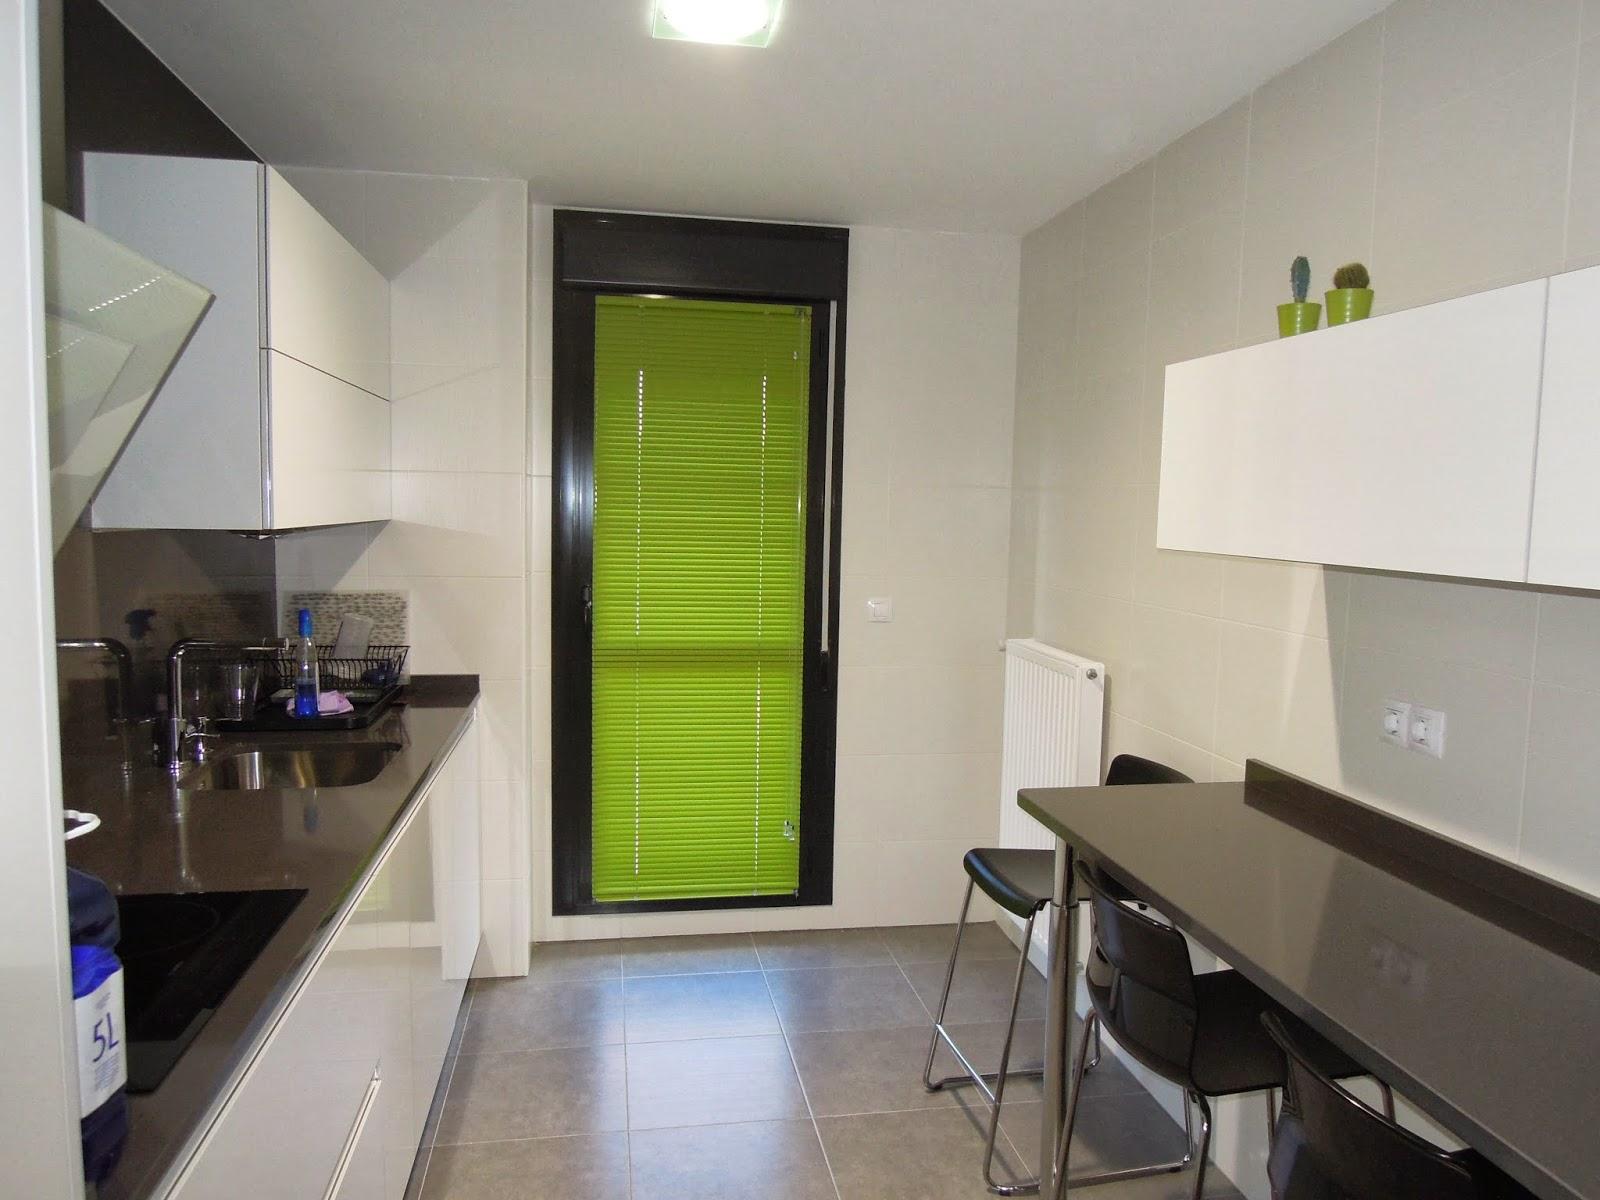 Fotos de cortinas cocinas 2014 for Cortinas modernas para puertas de cocina